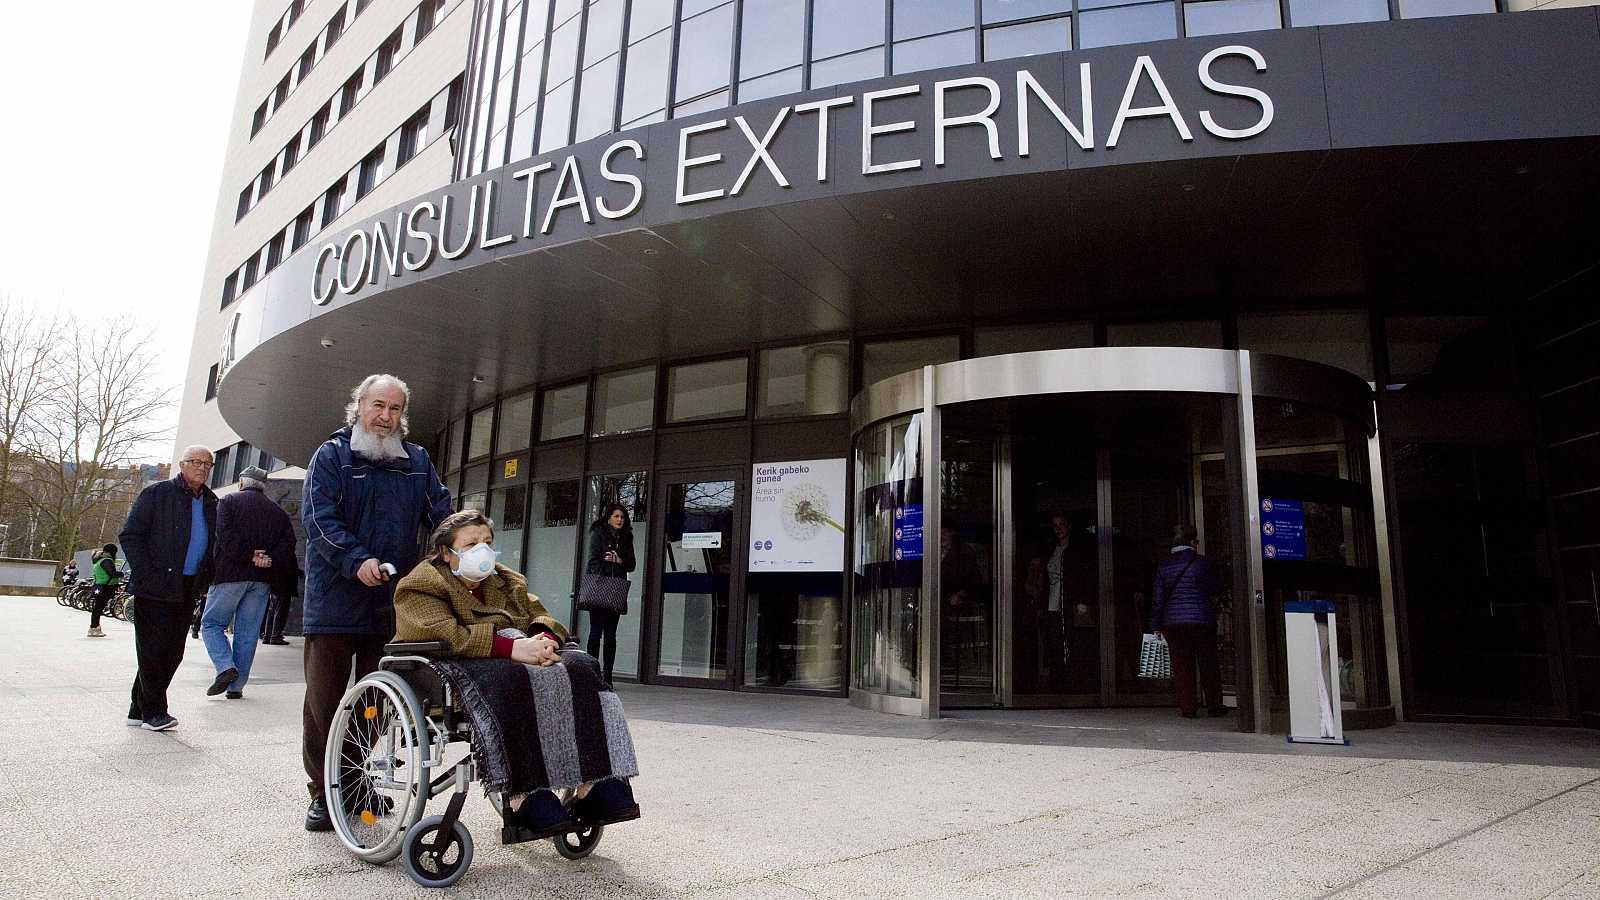 """El Ministerio de Sanidad mantiene de momento el escenario actual de contención en España por coronavirus, según ha afirmado el ministro, Salvador Illa, quien ha asegurado que España es """"capaz"""" de contener el virus """"si se siguen las medidas de las aut"""